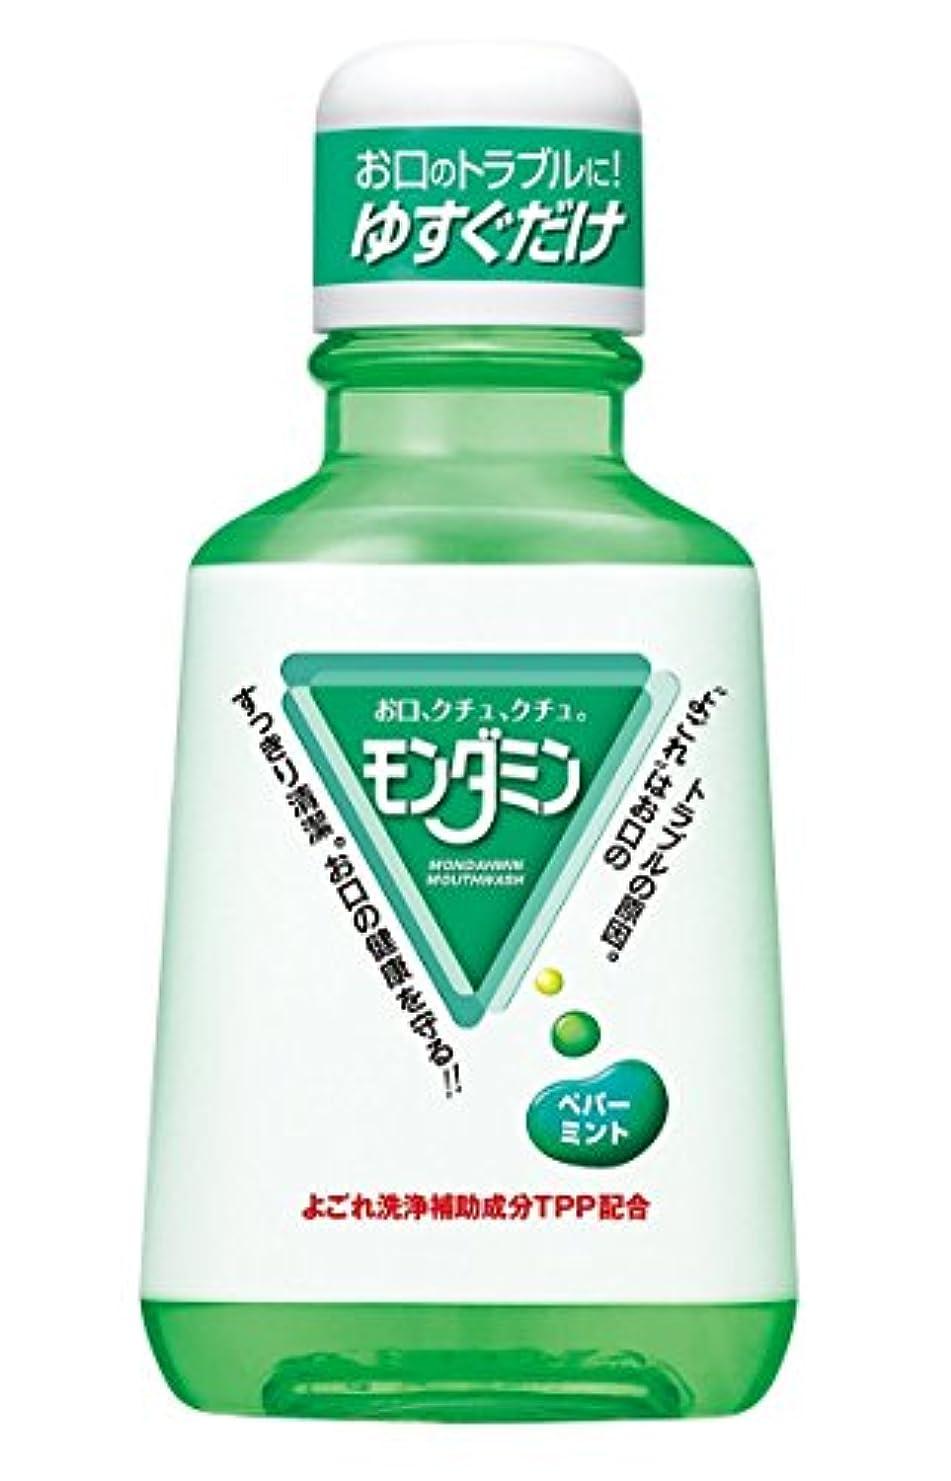 【アース製薬】モンダミン ペパーミント 80mL ×10個セット